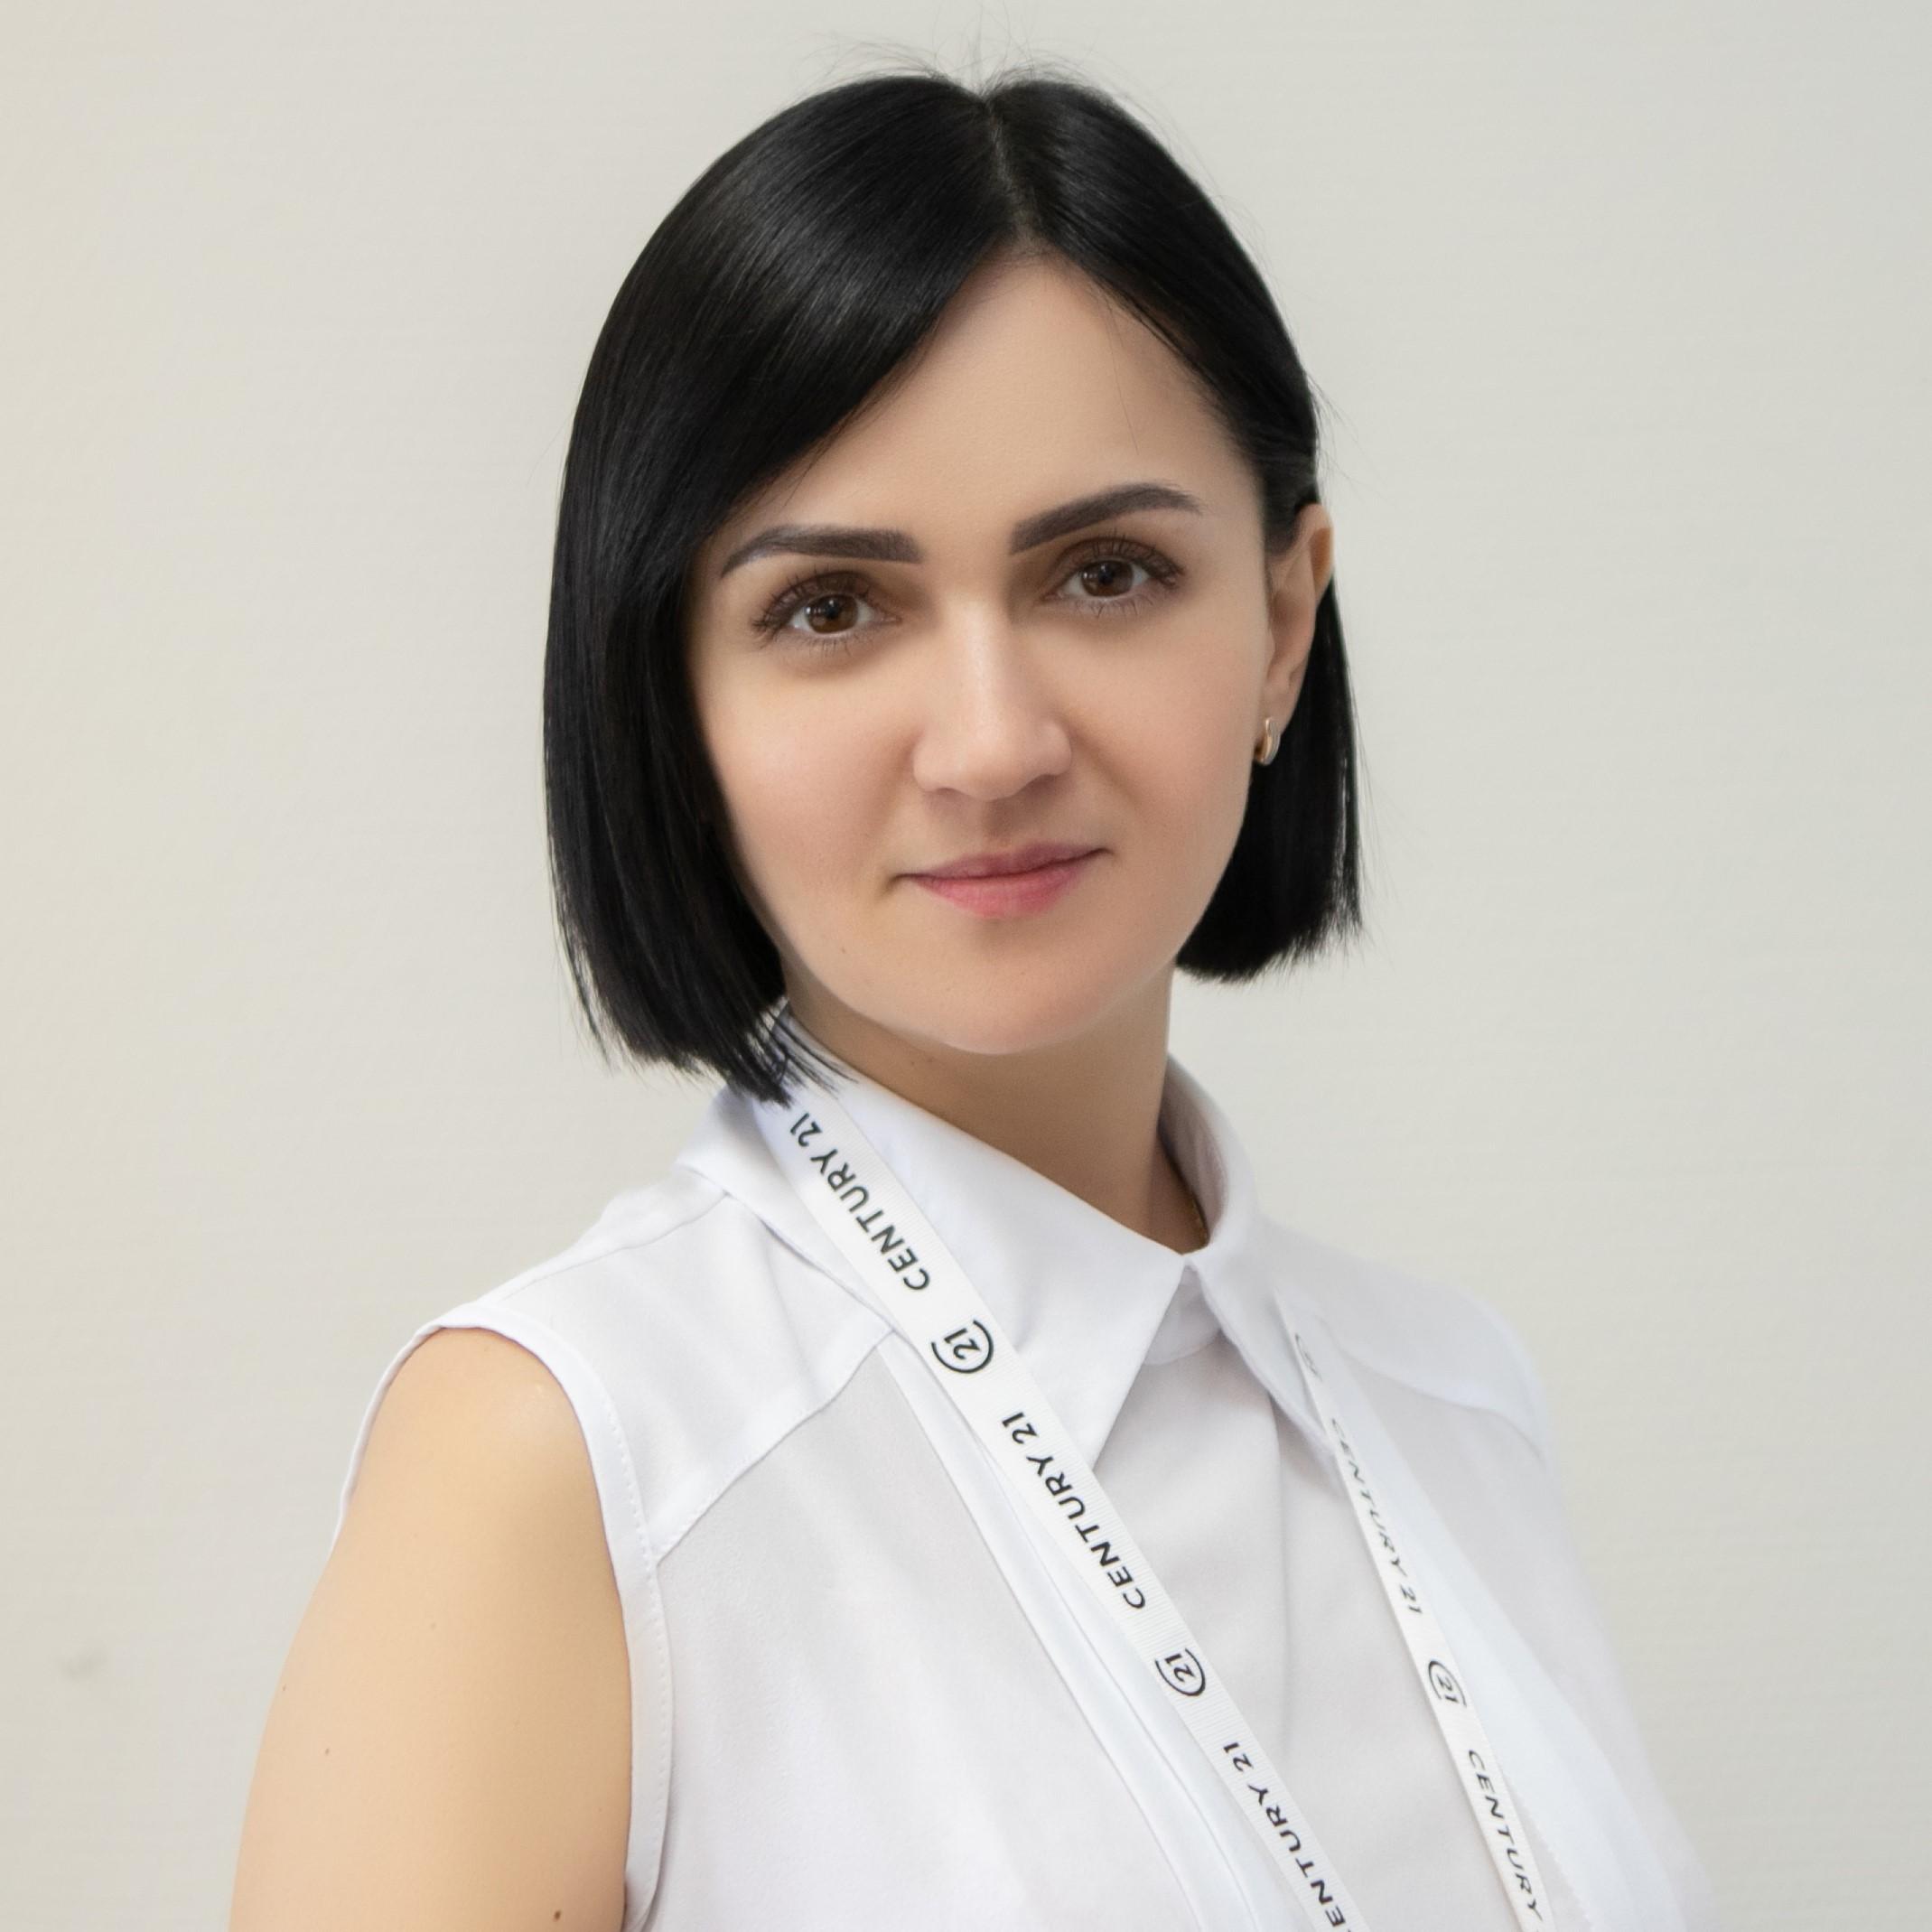 Казаринова Людмила